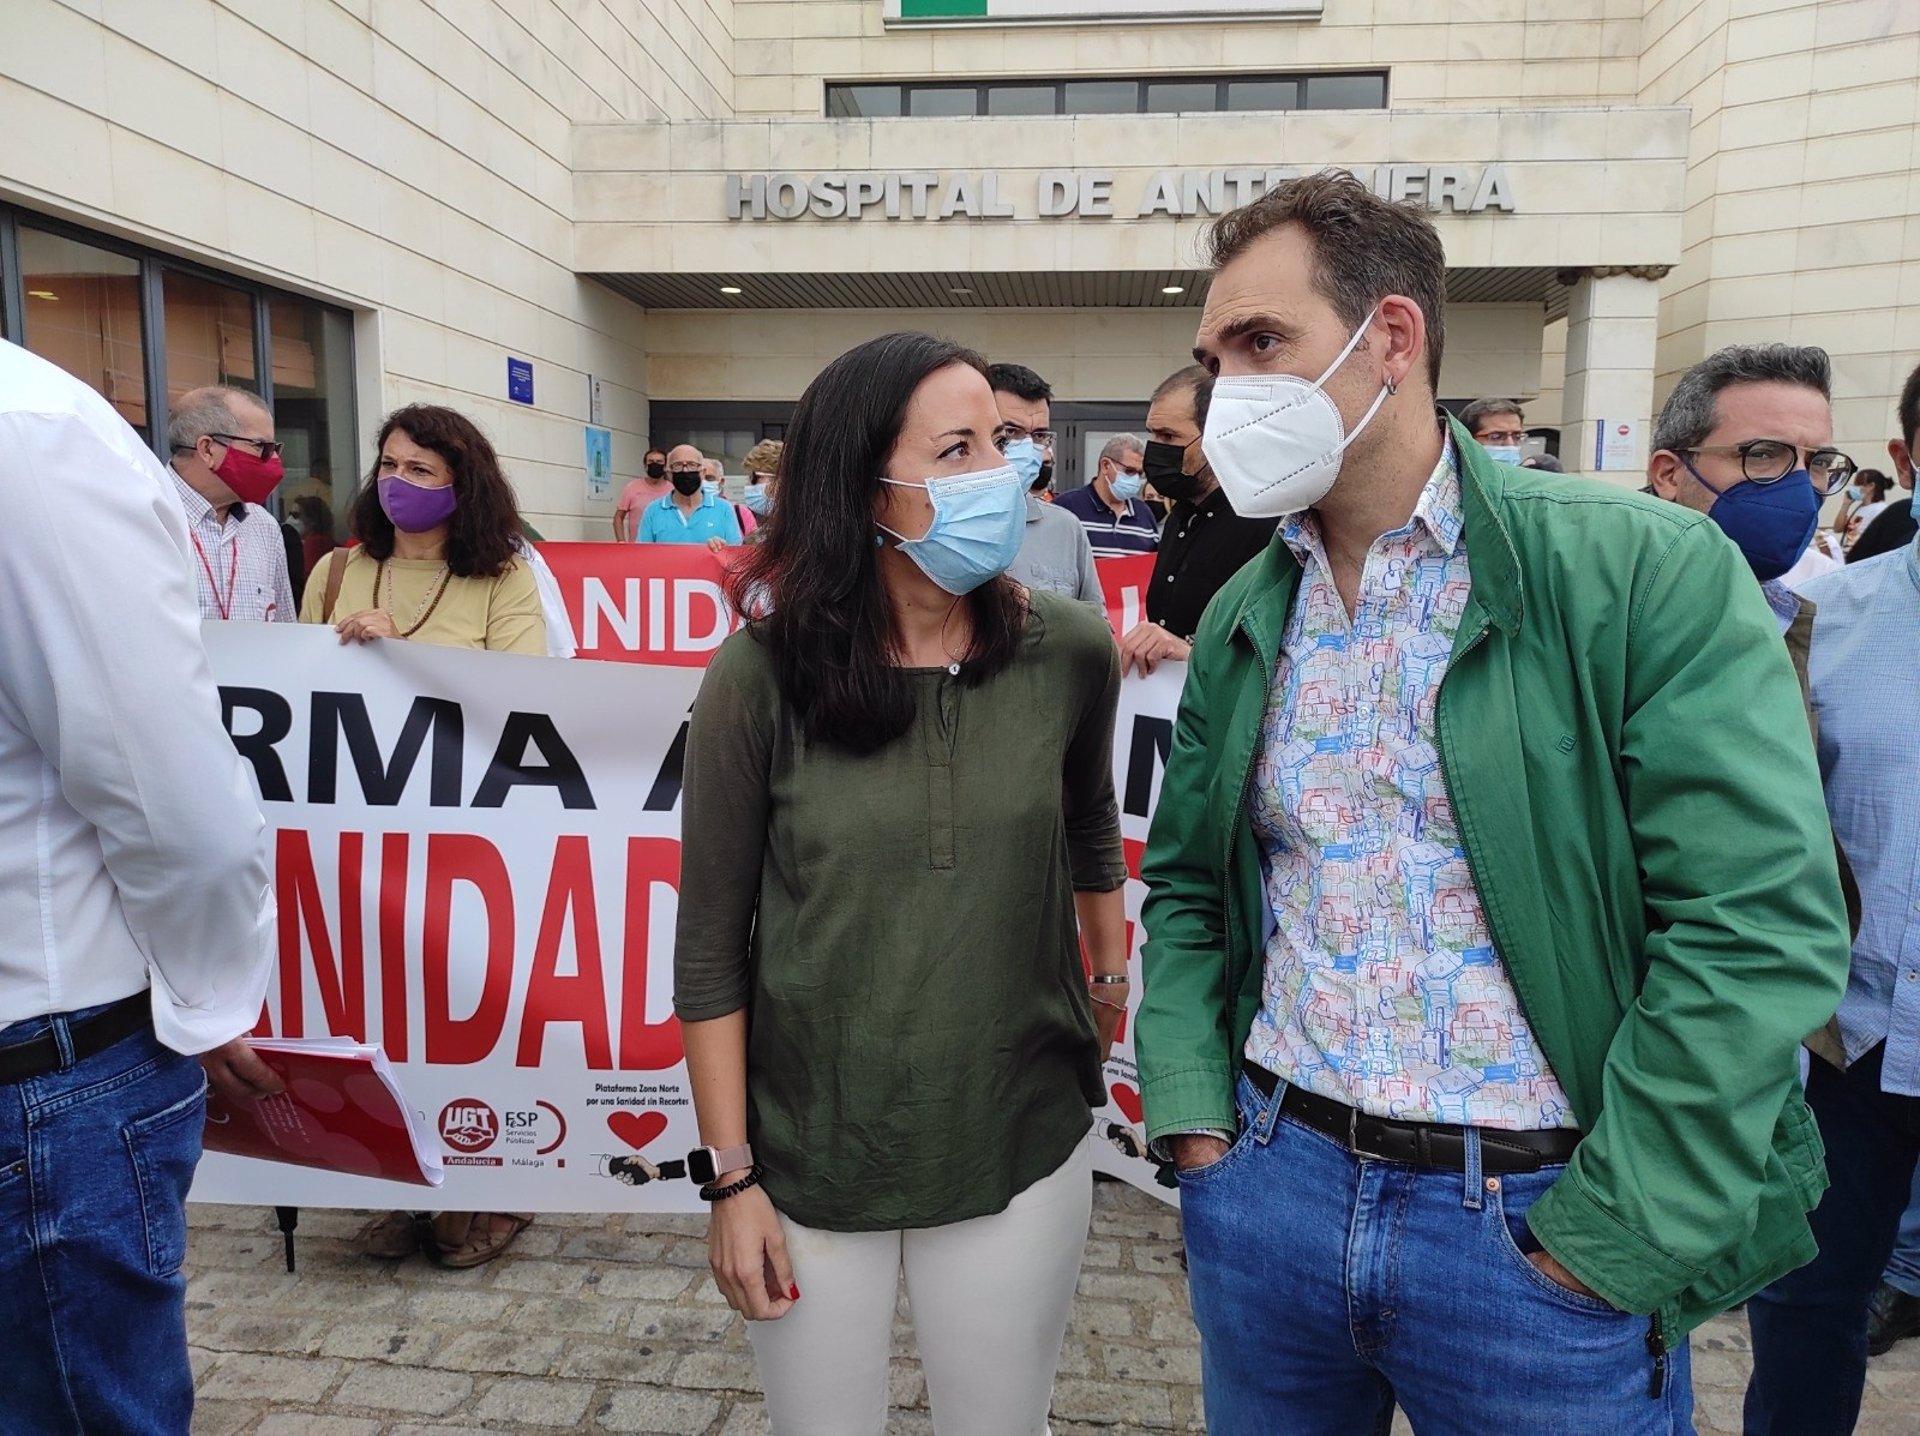 Valero avisa de que Andalucía se va a movilizar ante el «deterioro» de la sanidad pública: «Este pulso lo vamos a ganar»